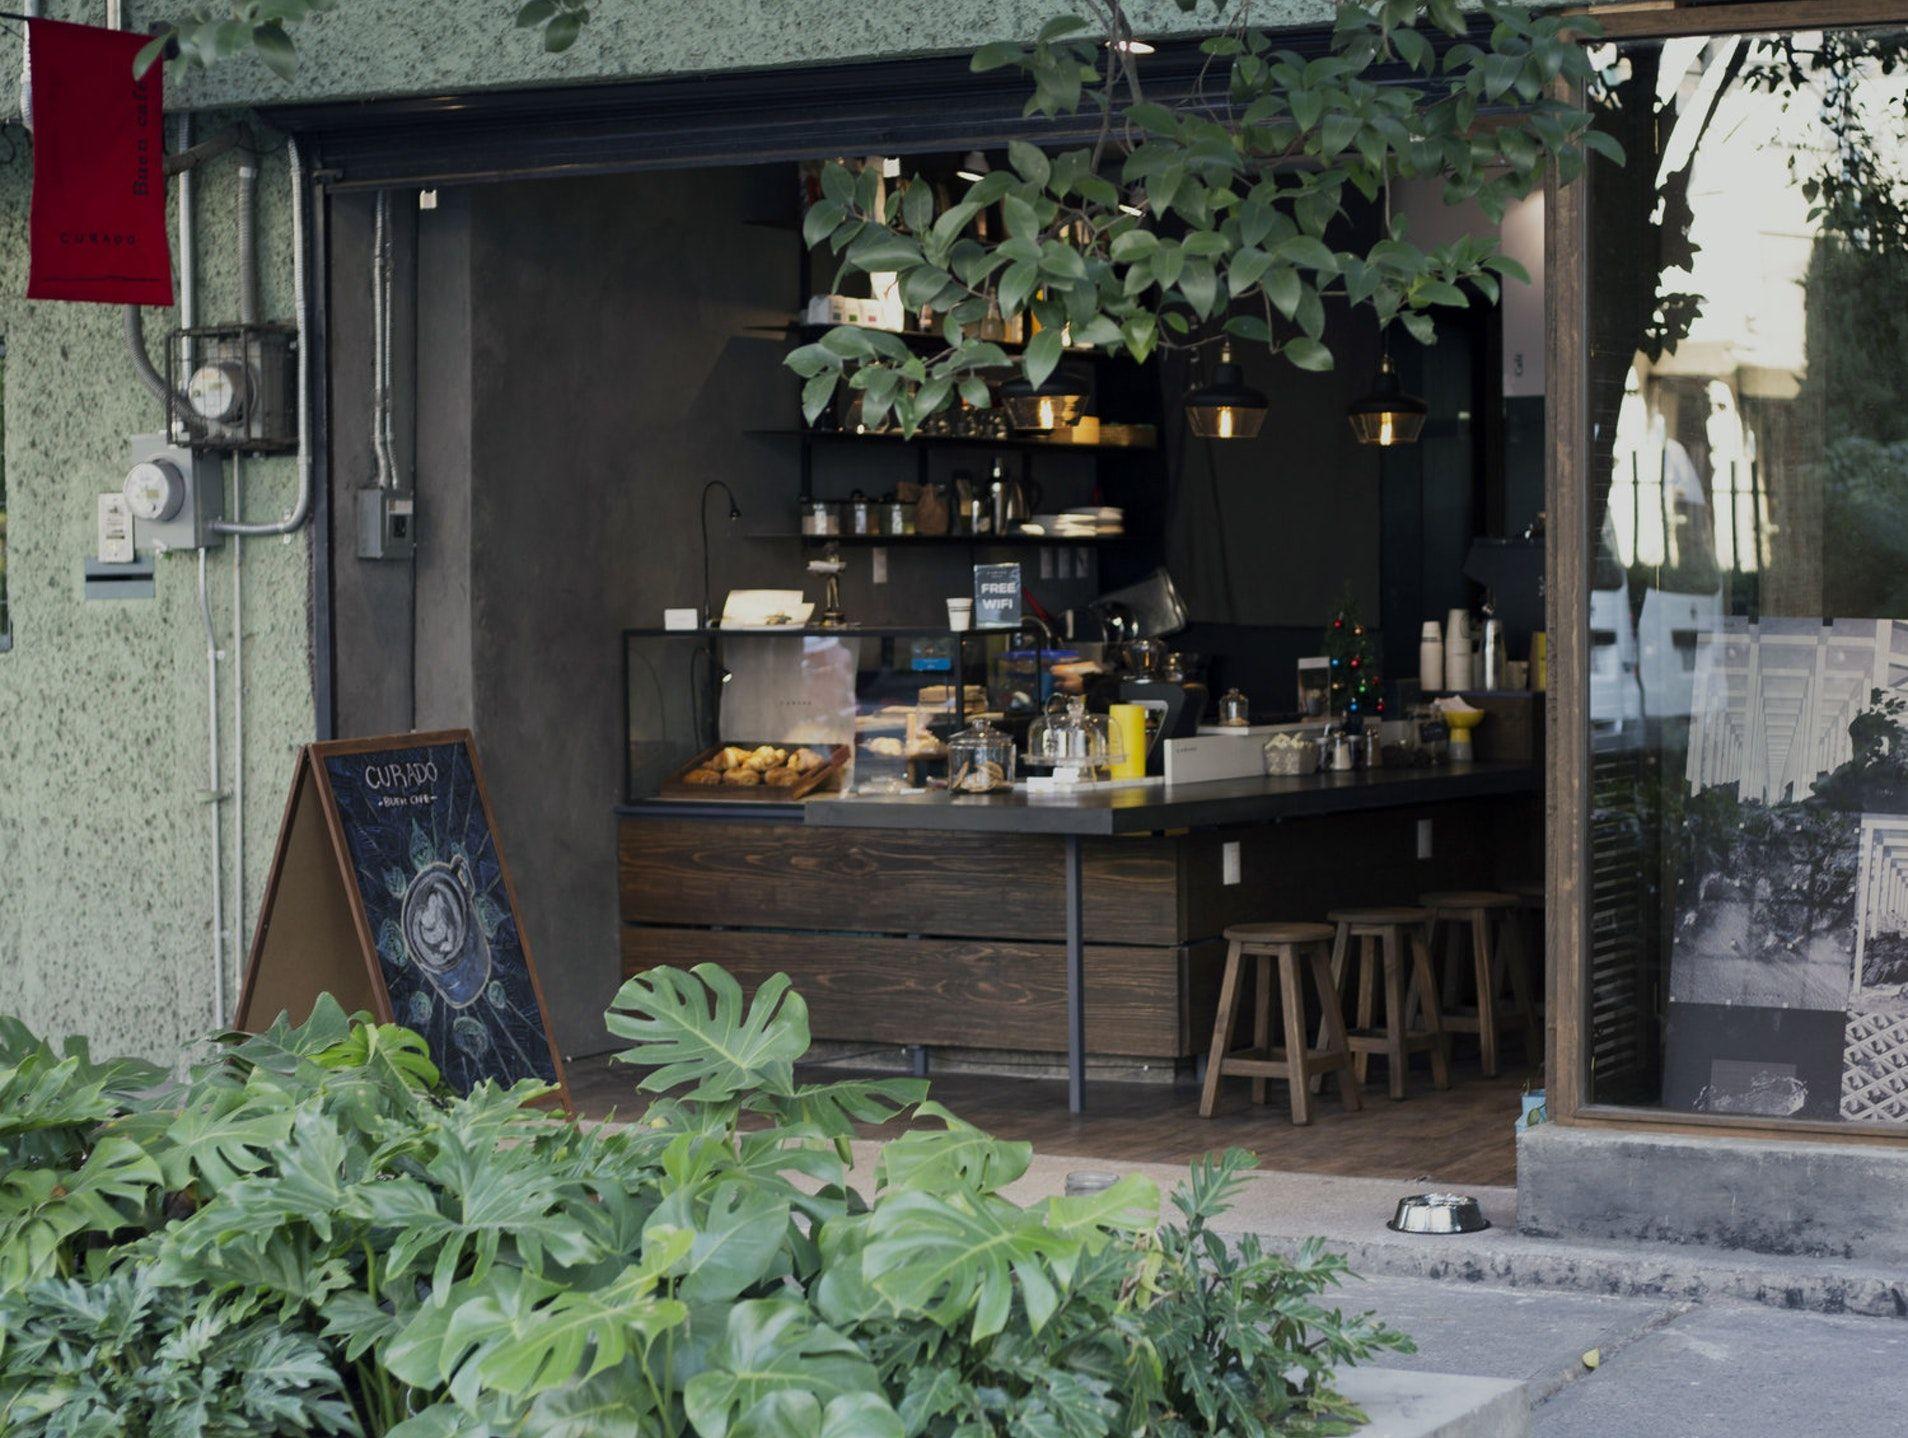 Café Curado Mexico City Mexico AFAR Cafe design